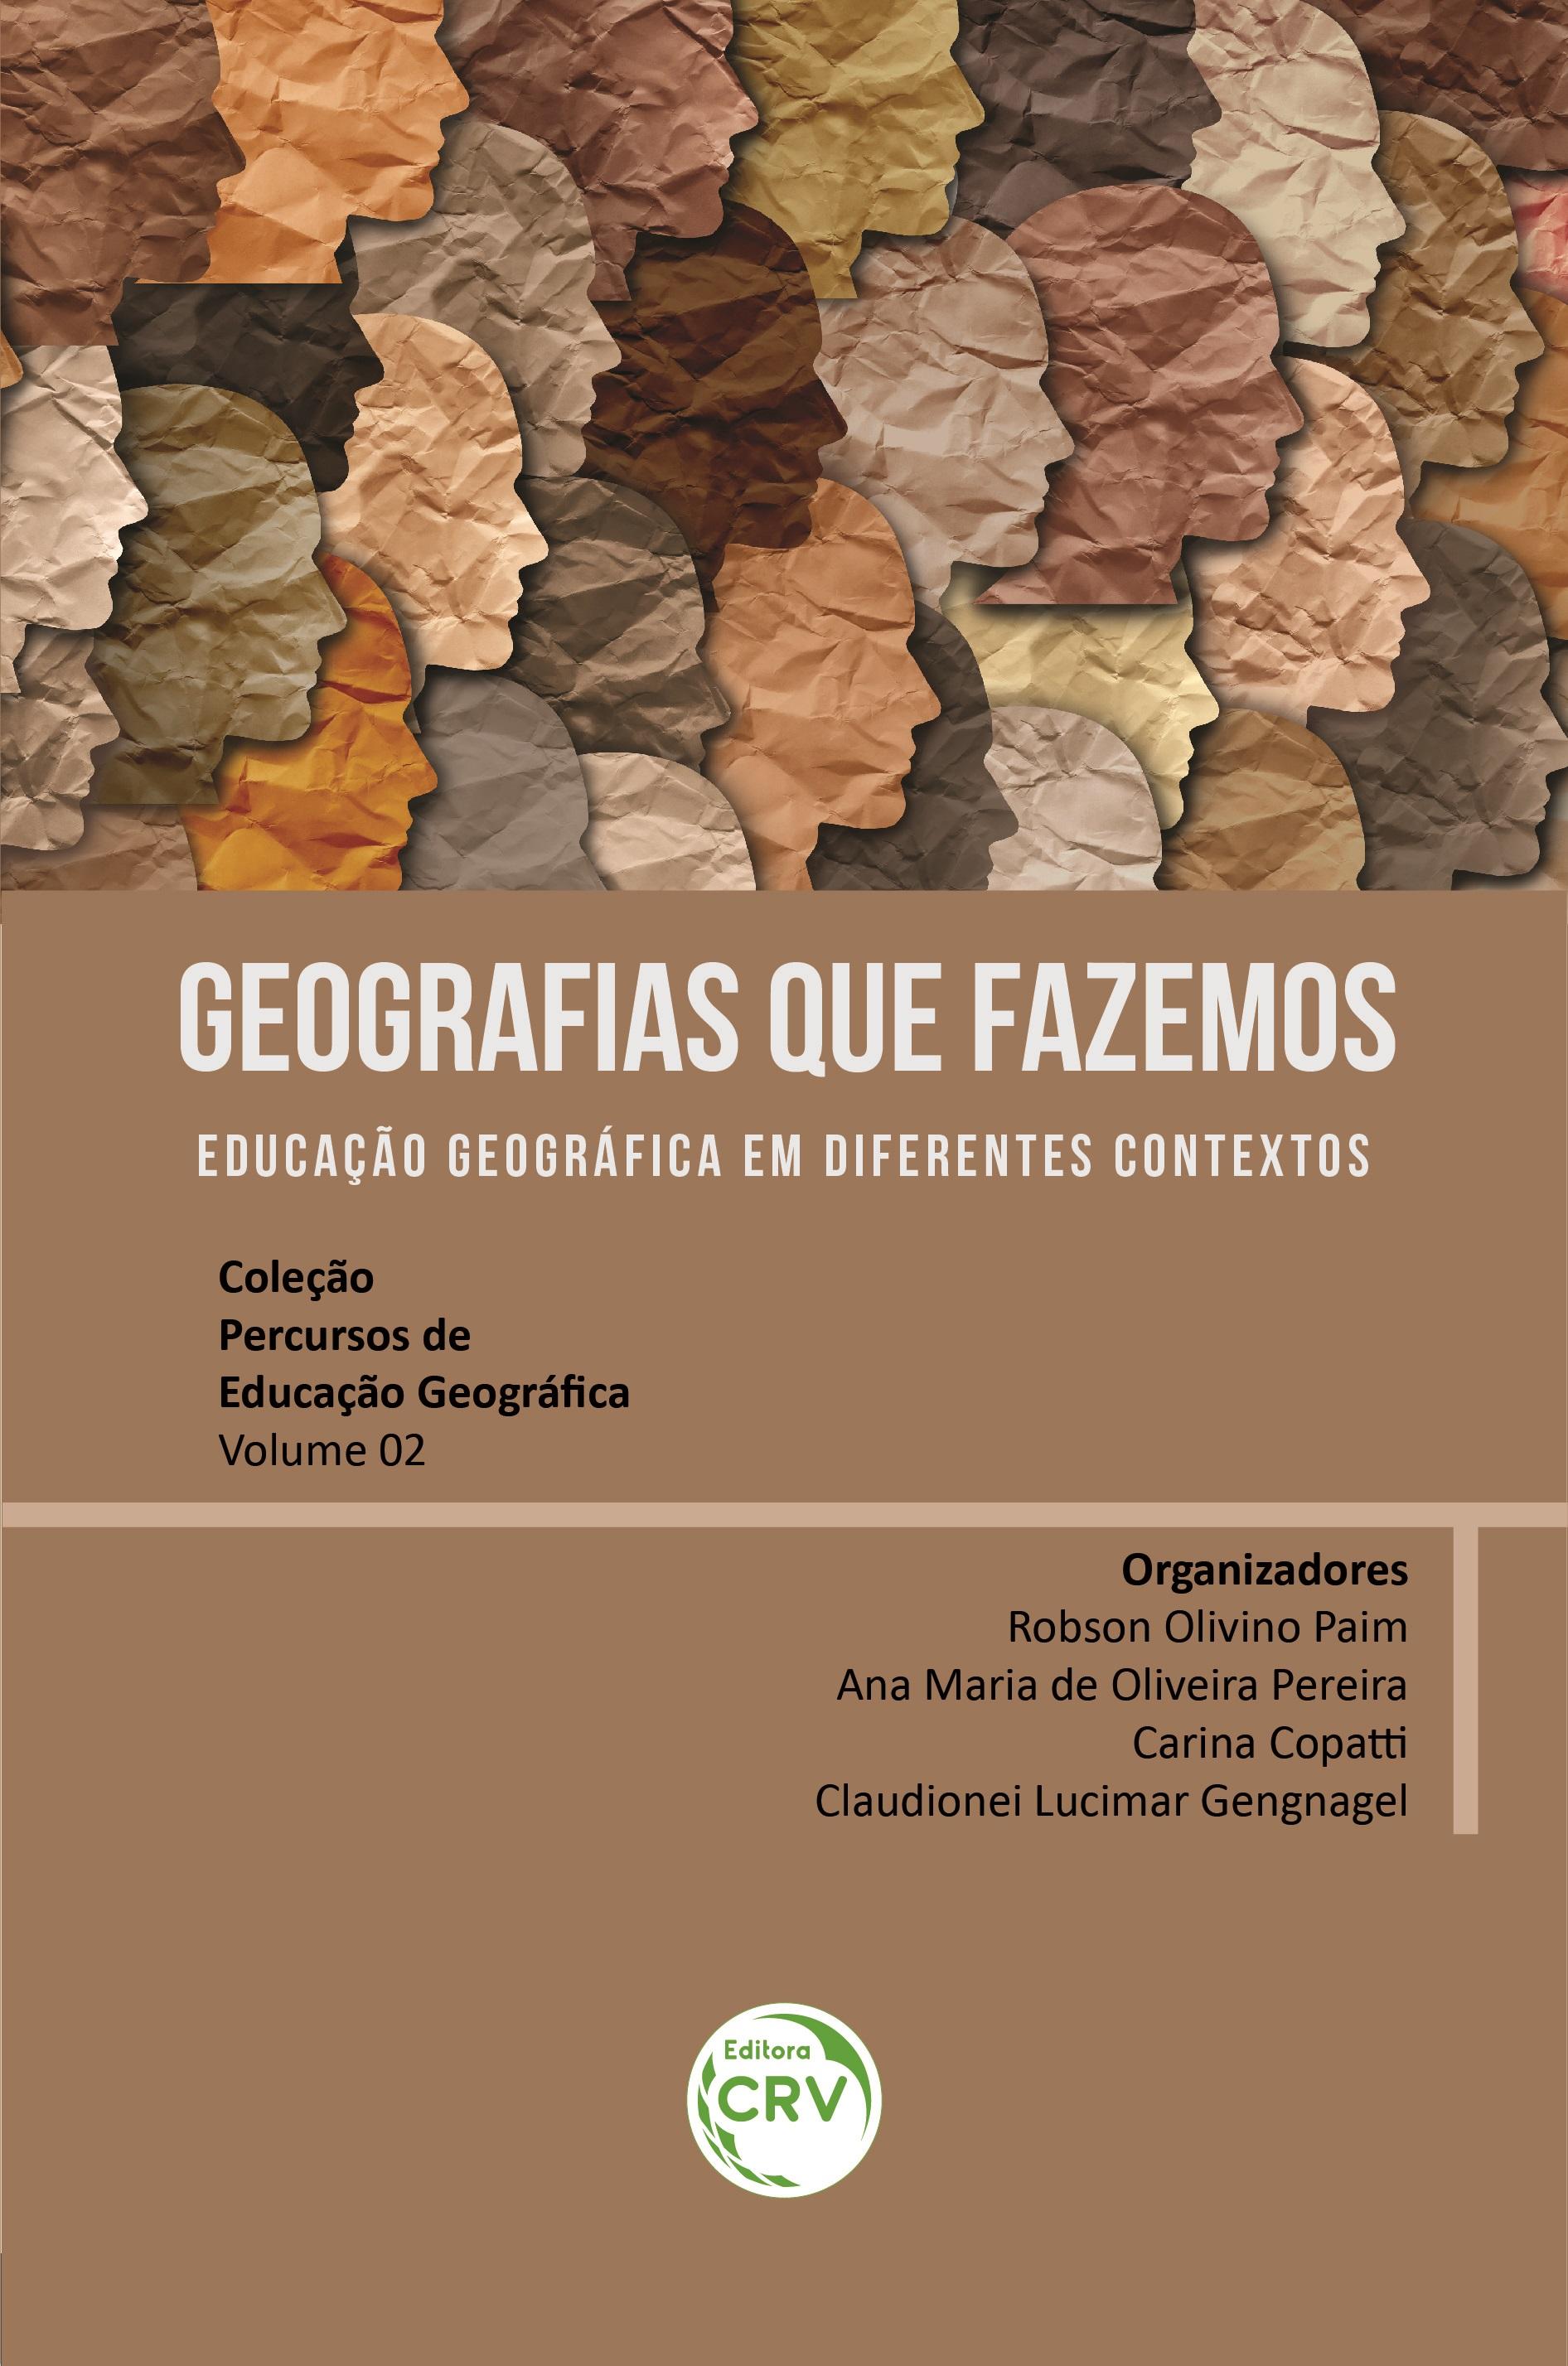 Capa do livro: GEOGRAFIAS QUE FAZEMOS:<br> educação geográfica em diferentes contextos  <br> Coleção Percursos de Educação Geográfica - Volume 02